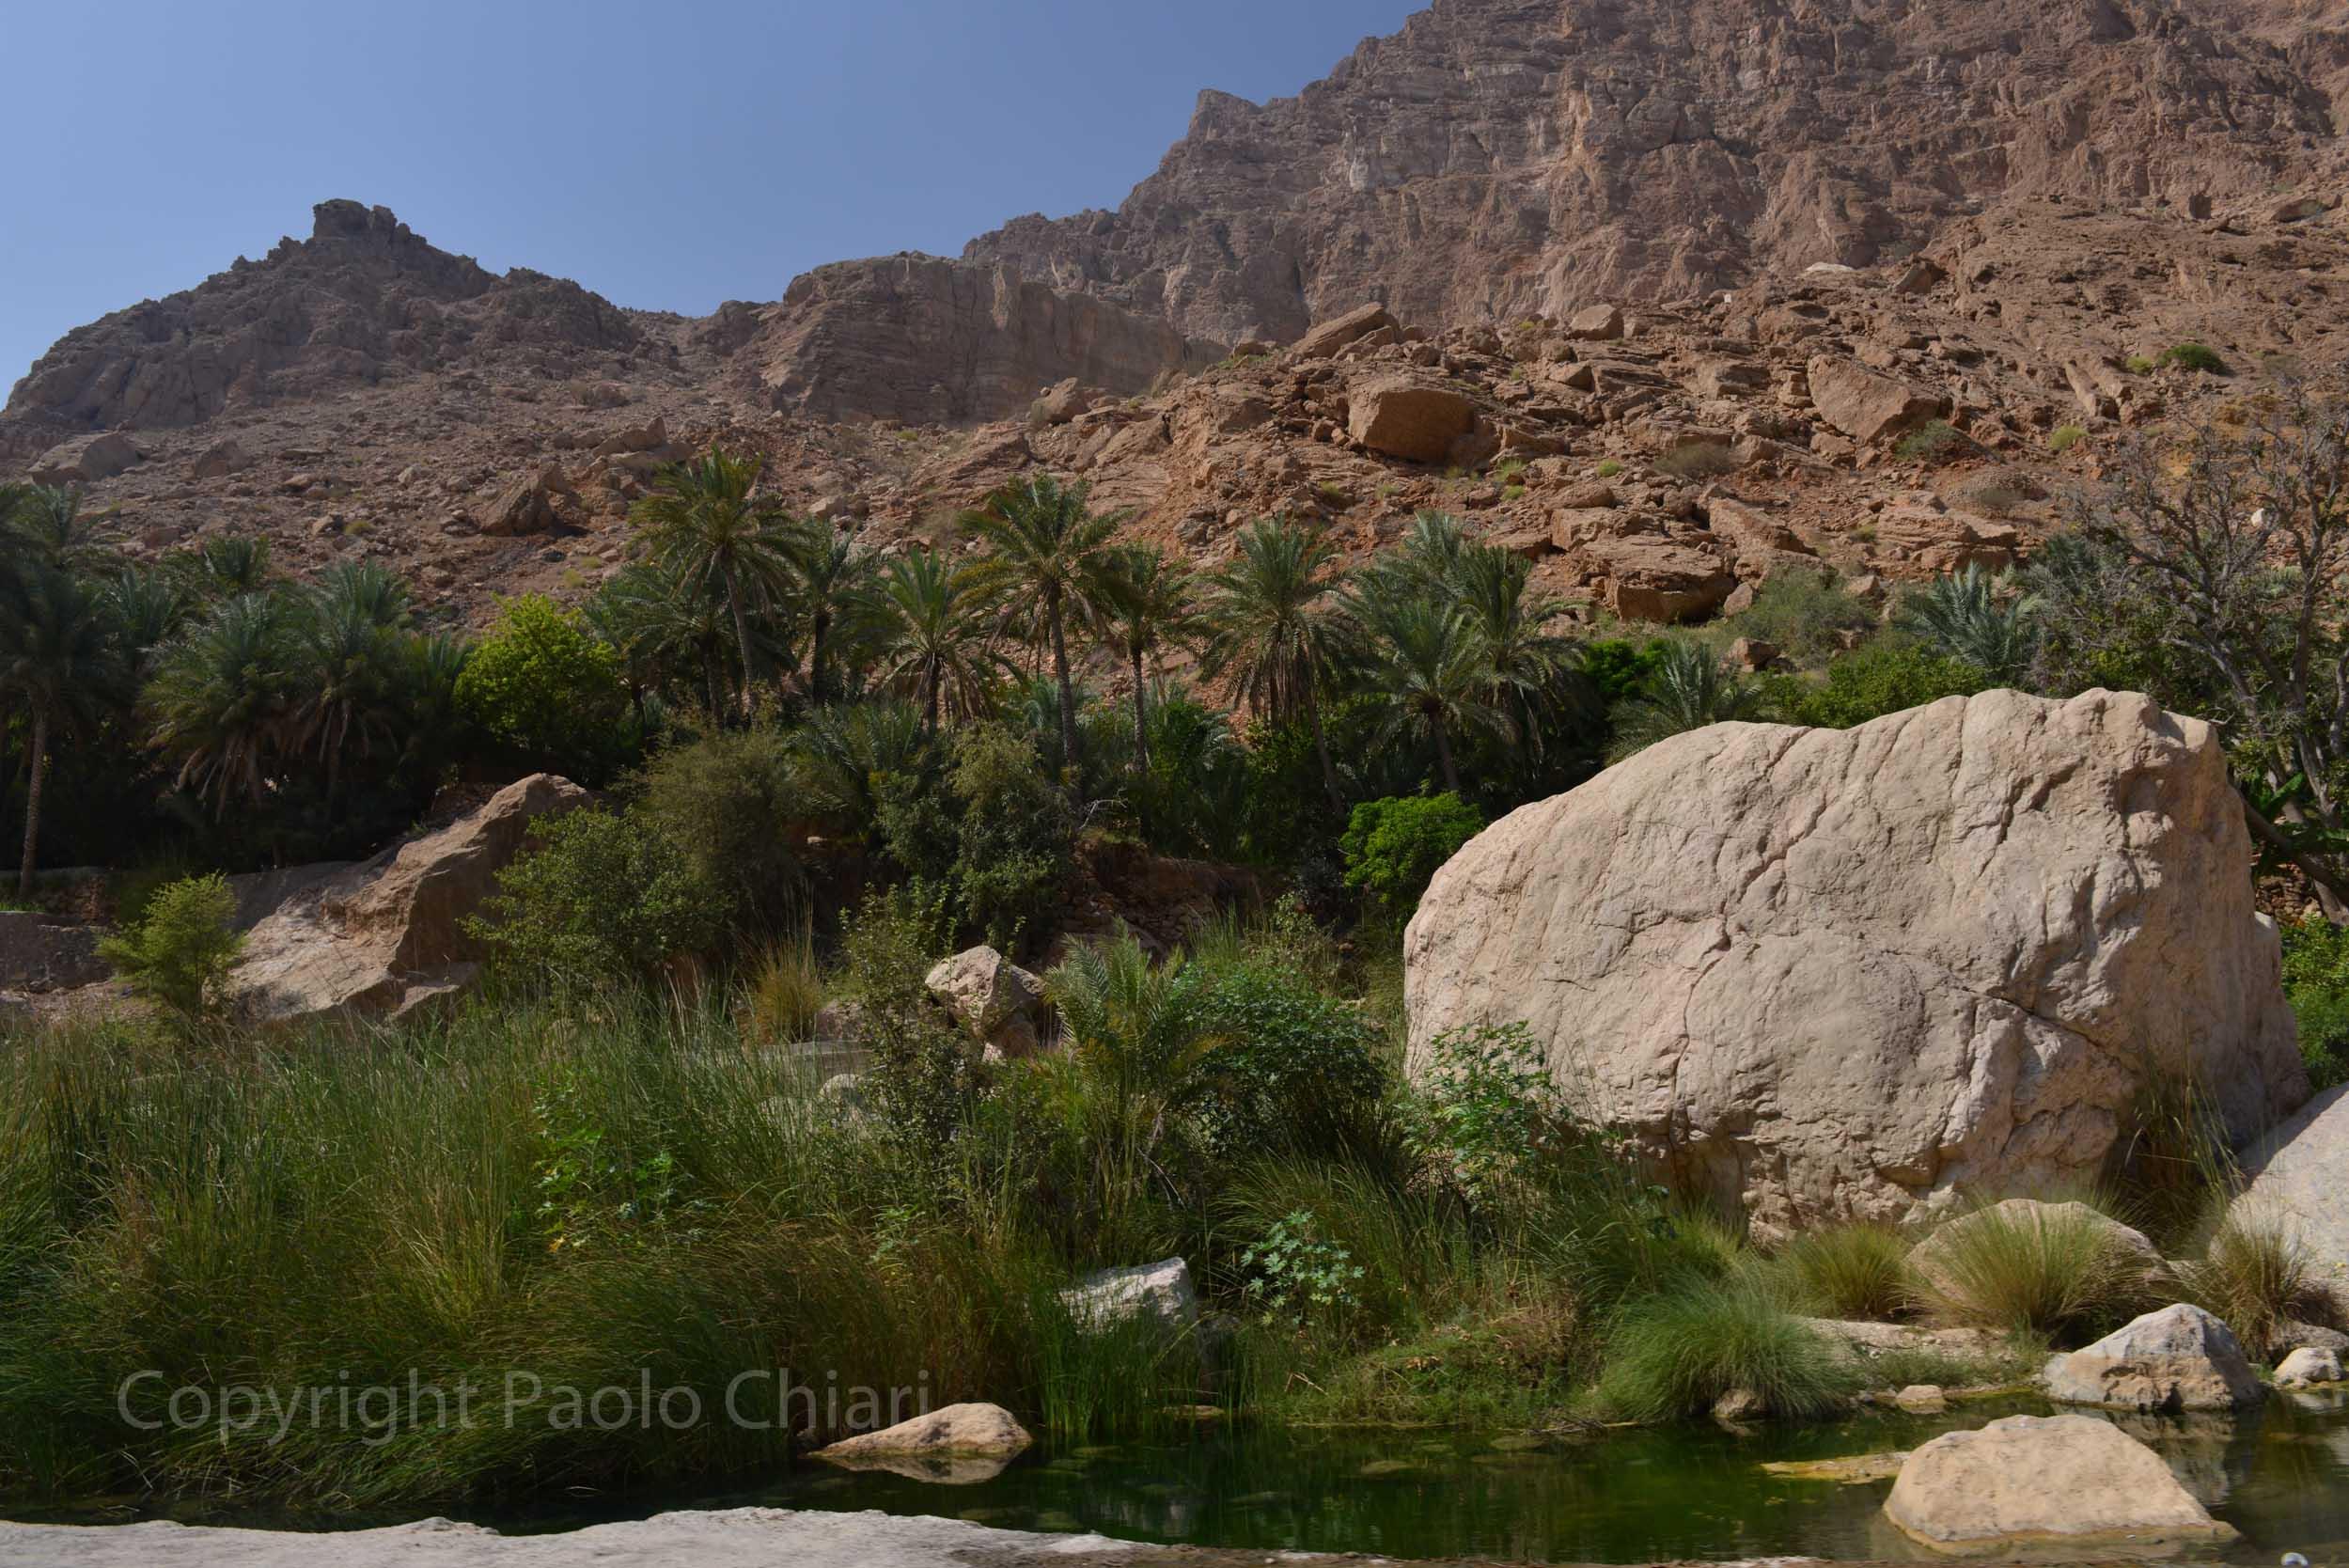 408_Oman13_5204